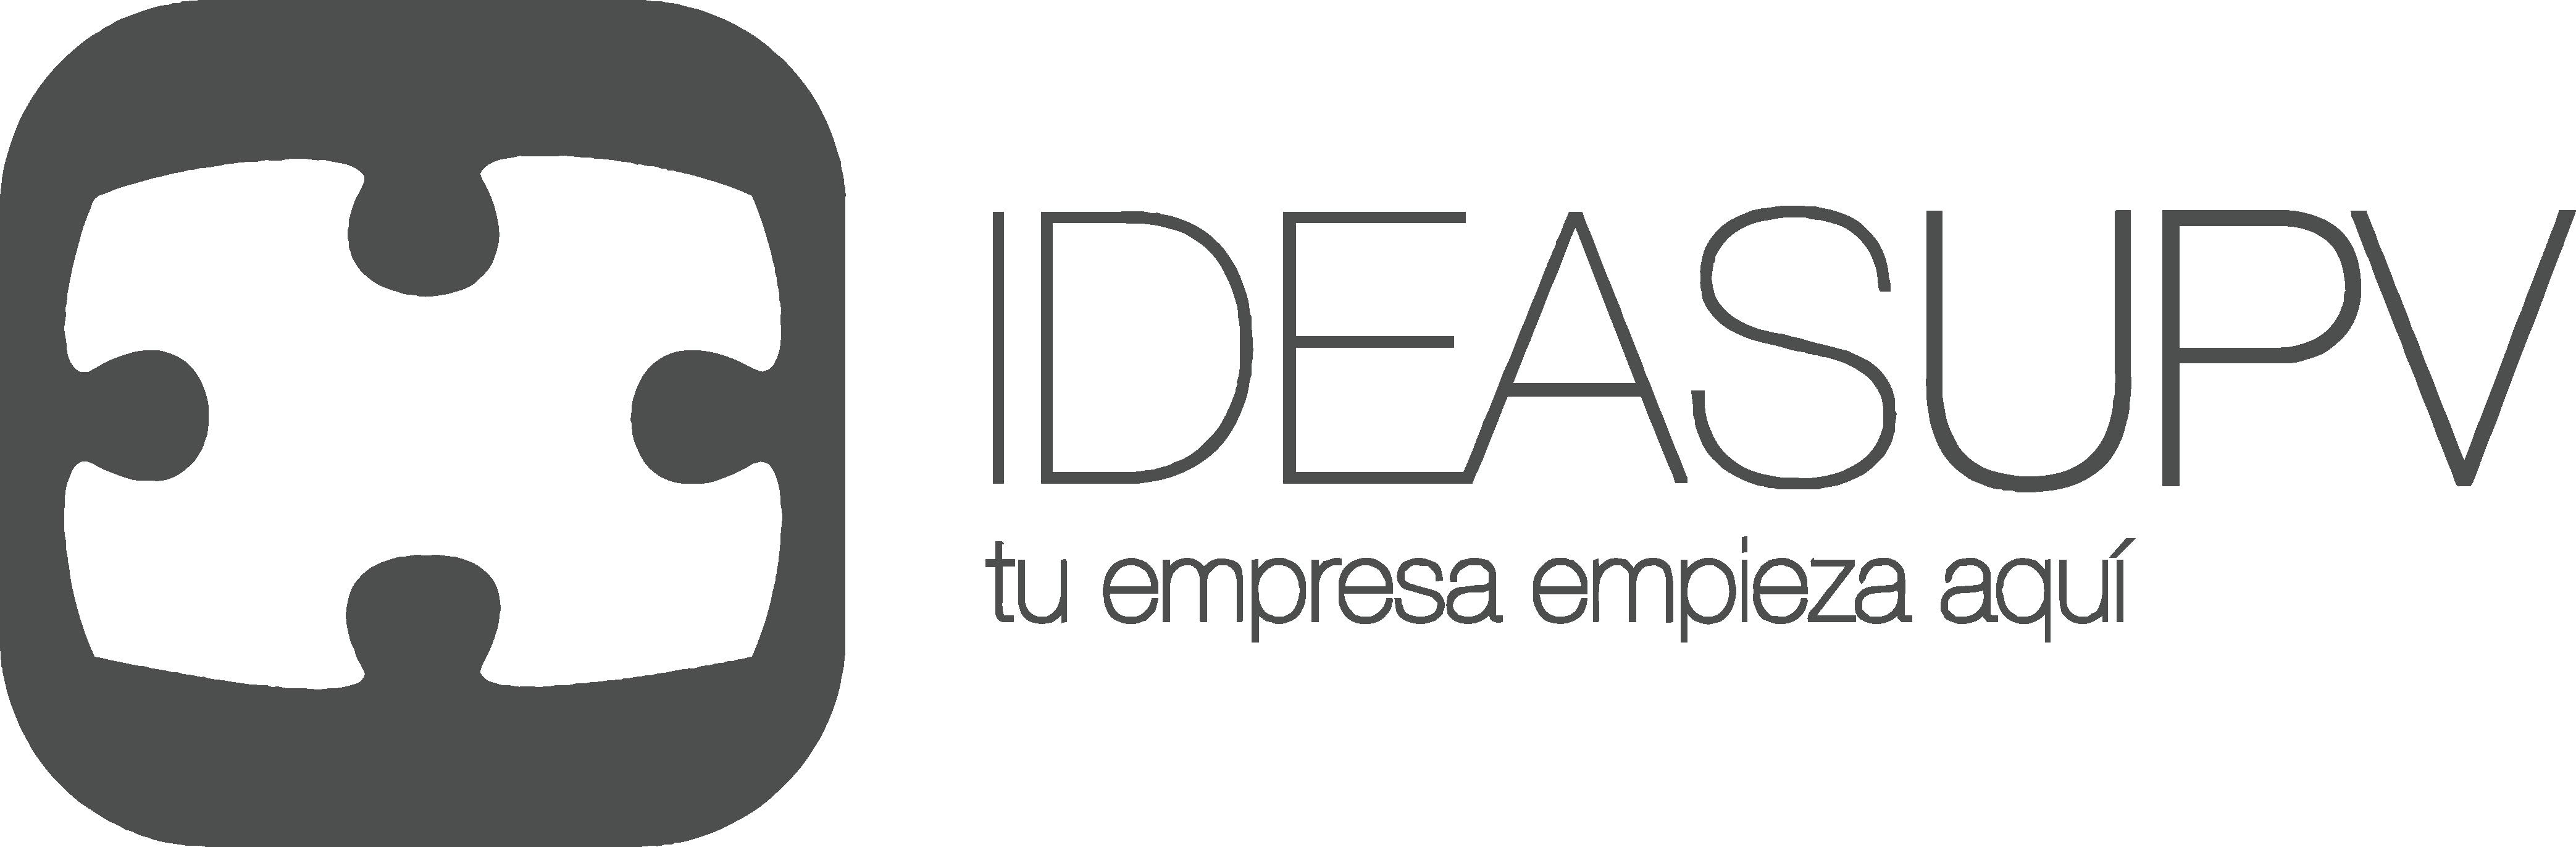 uniemprendia_logo